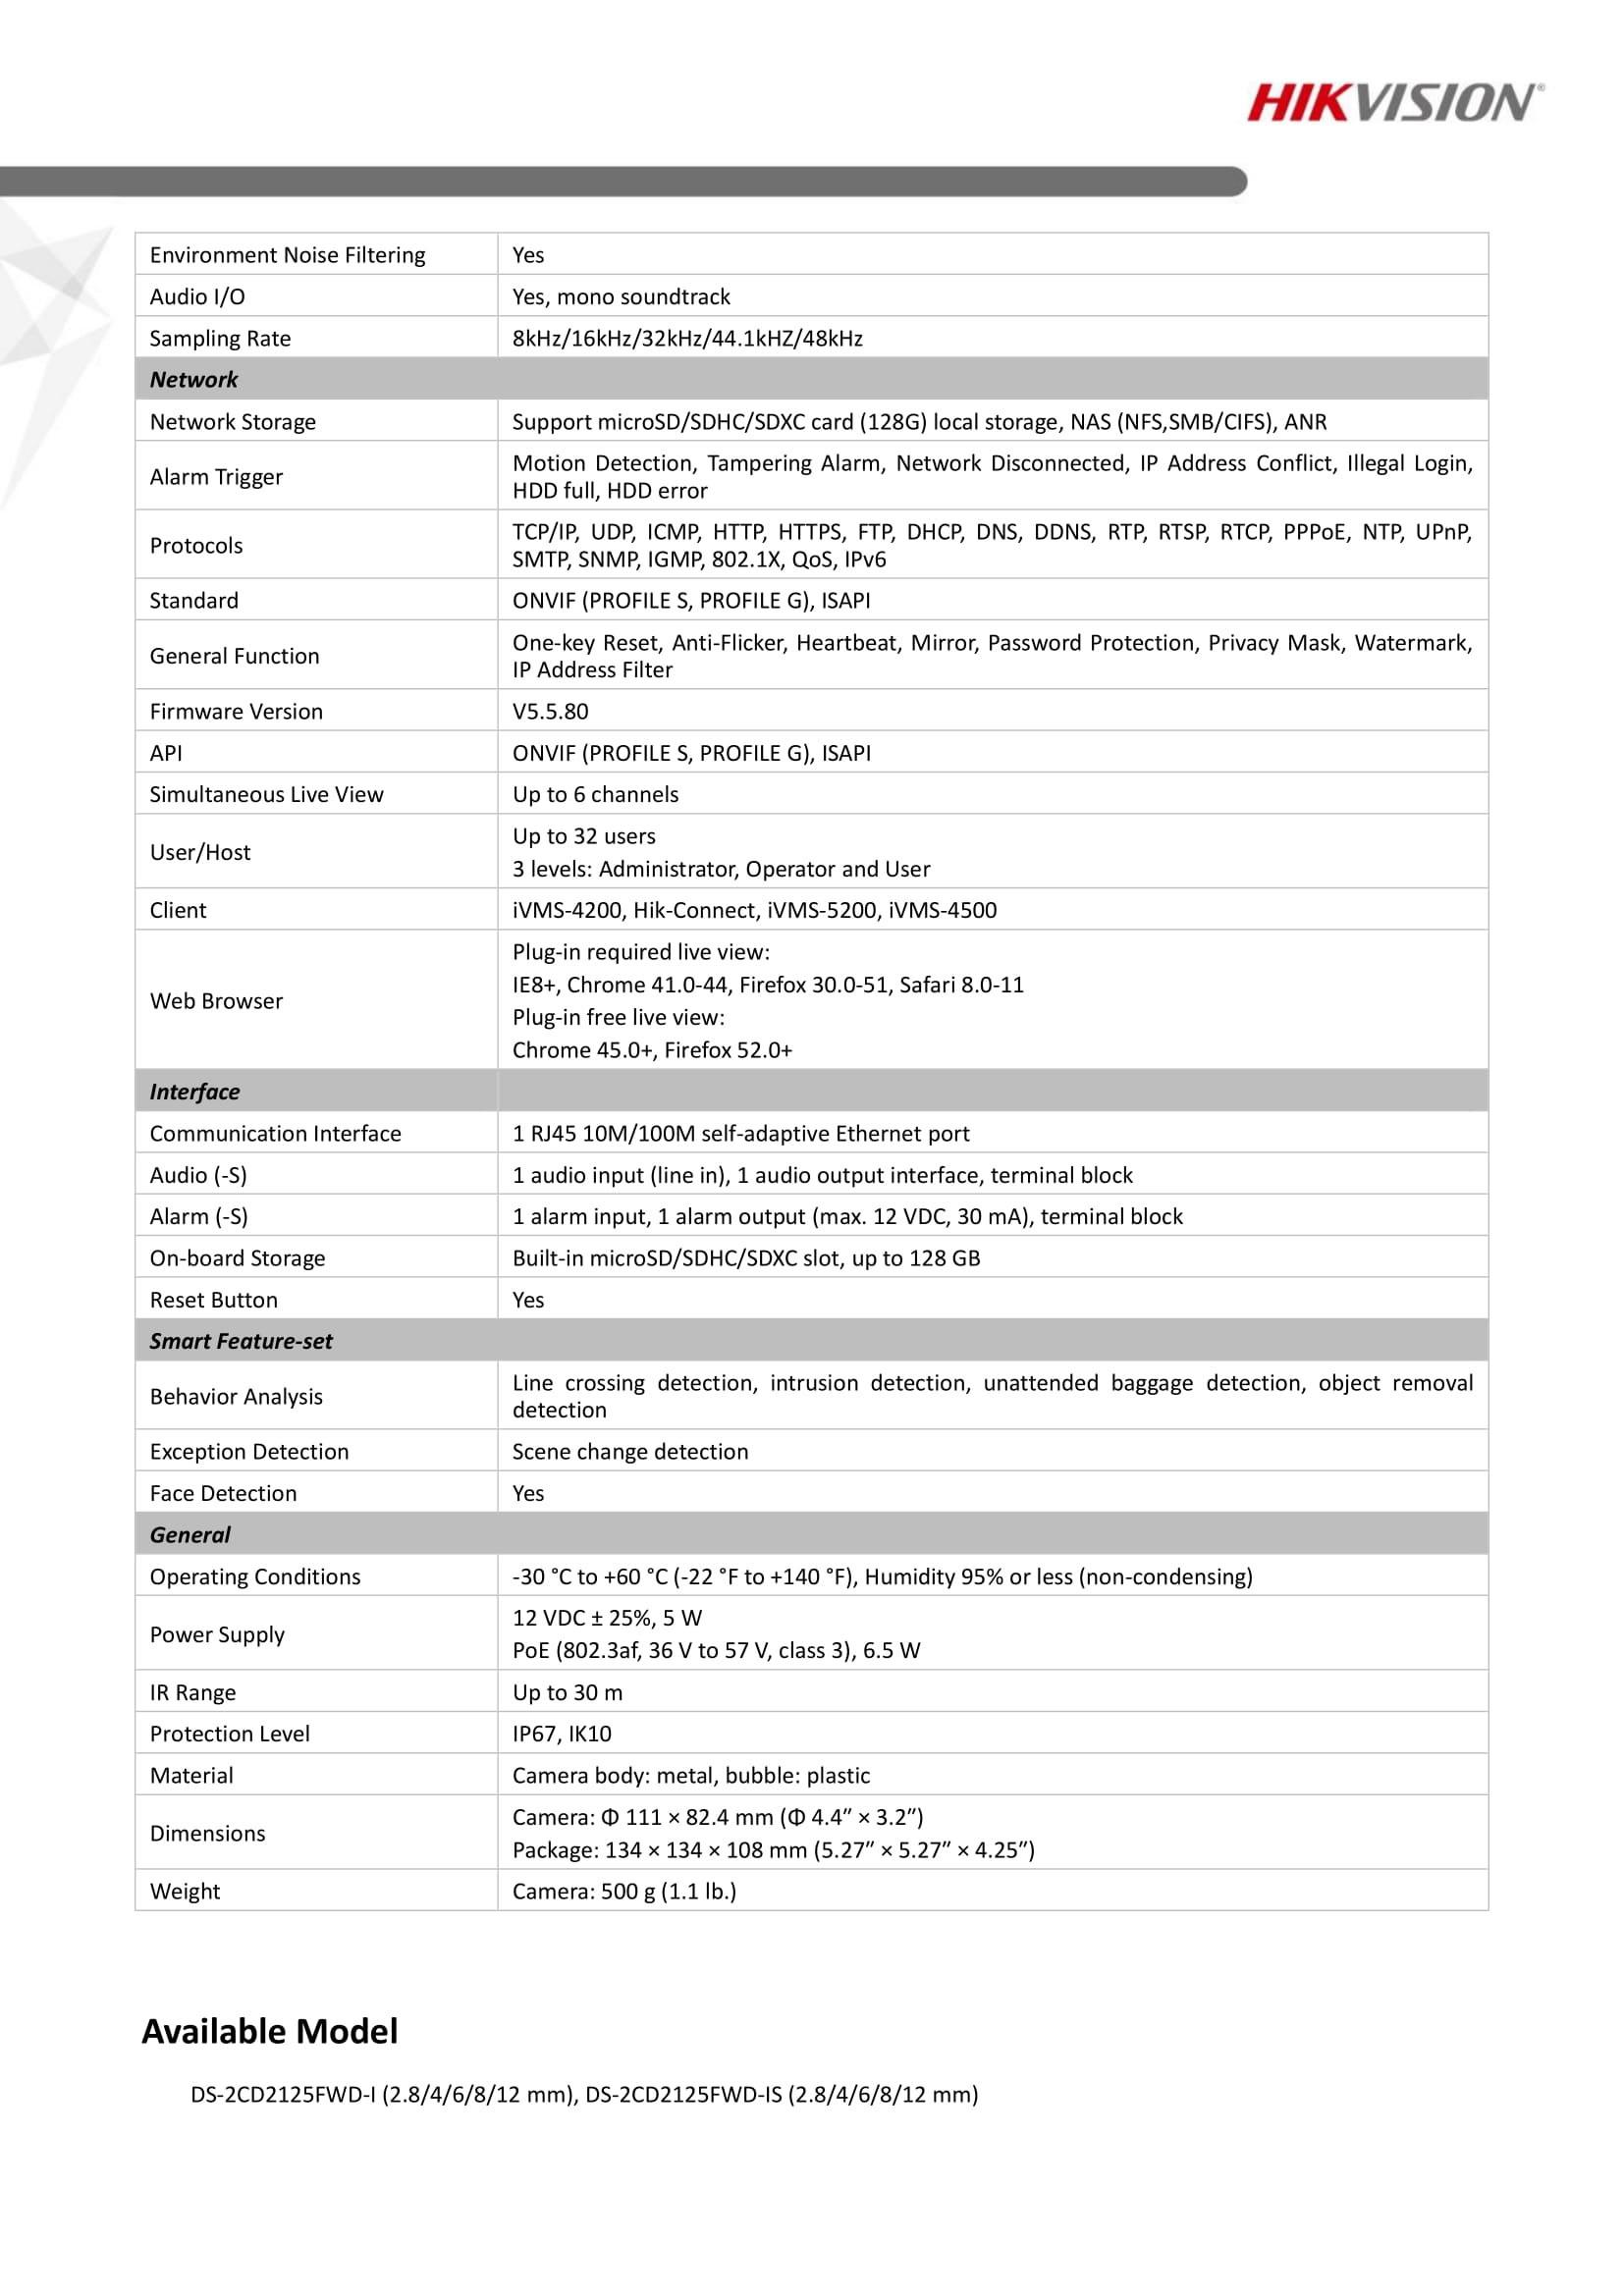 ds-2cd2125fwd-i-s-datasheet-v5-3.jpg